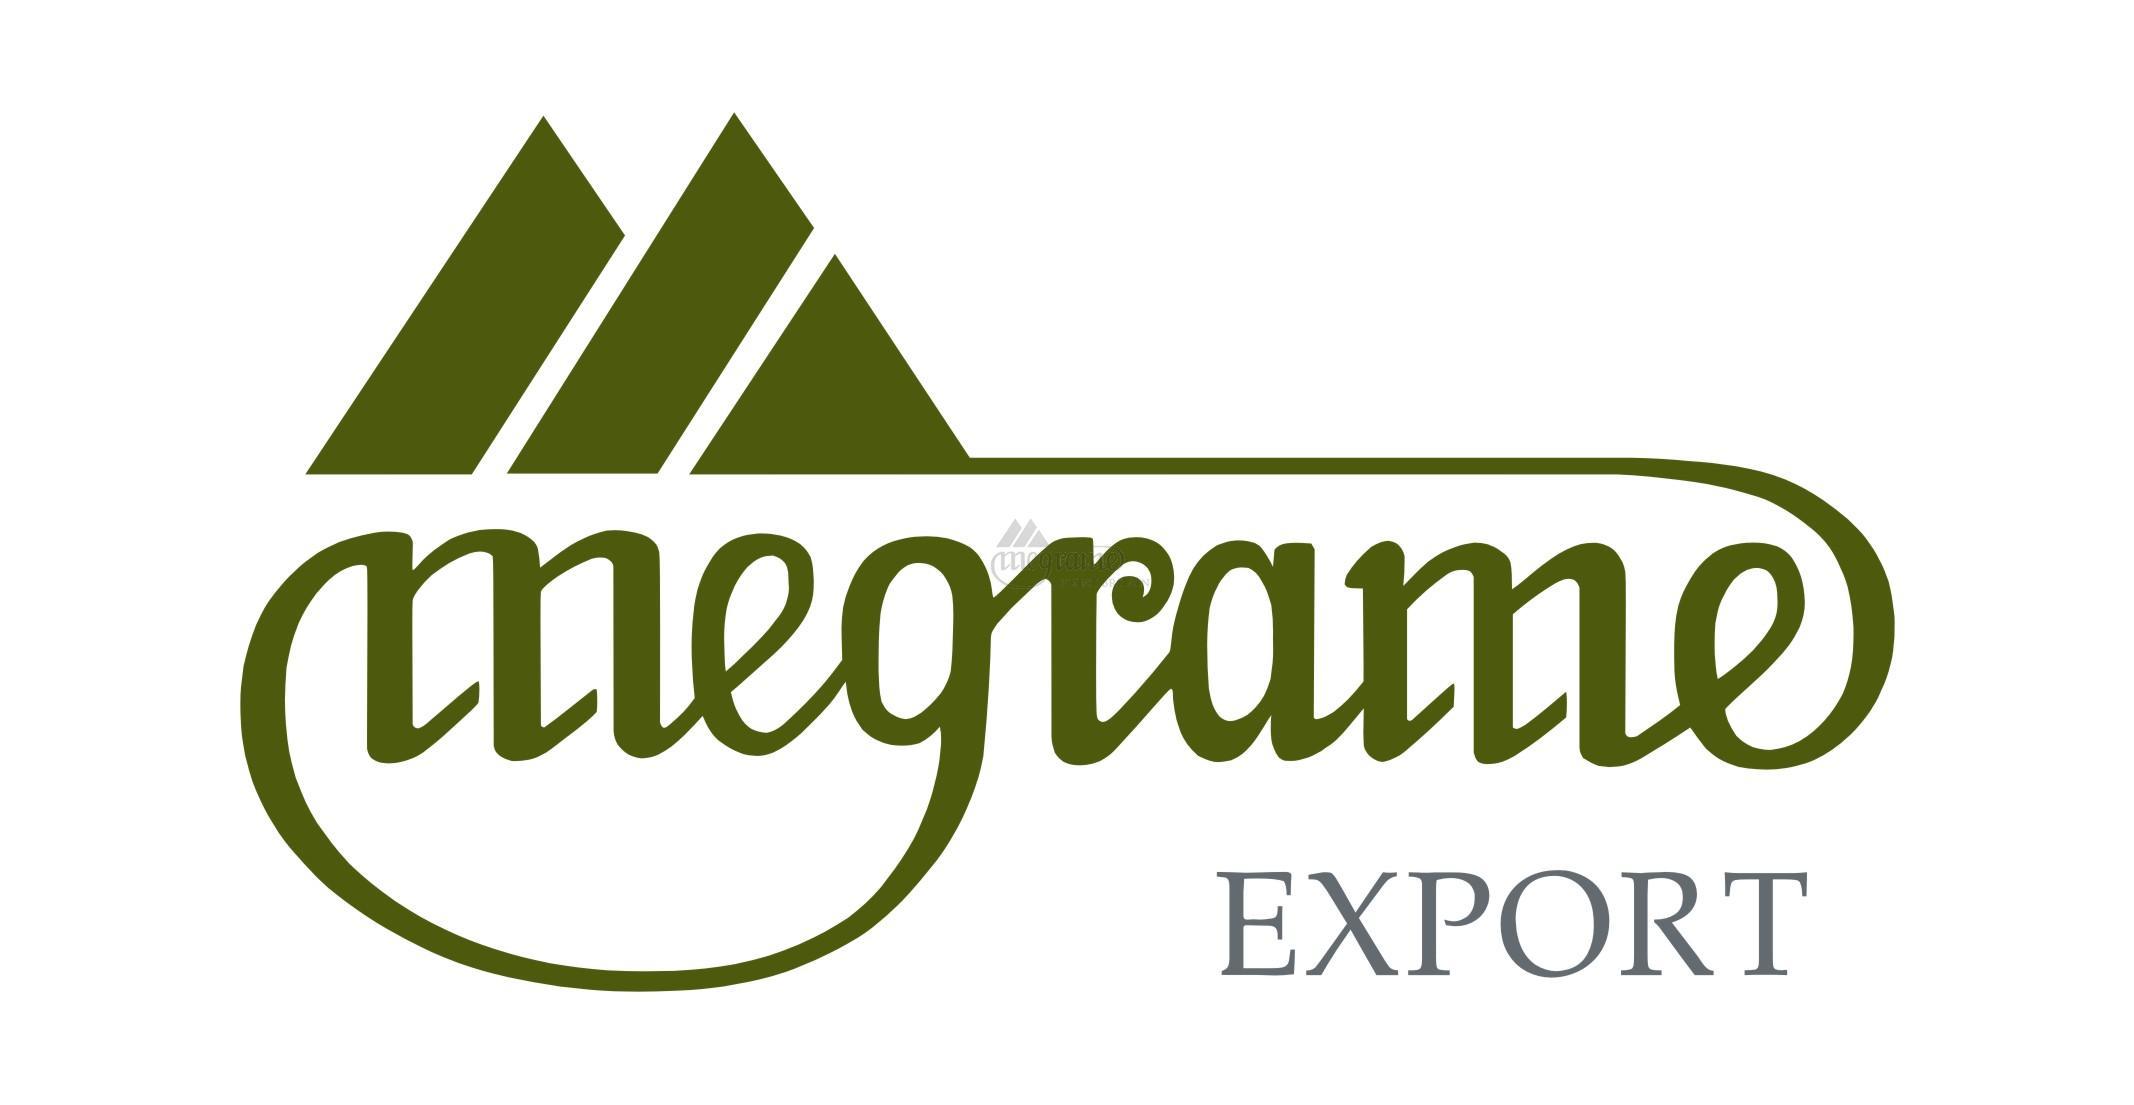 megrame export logo